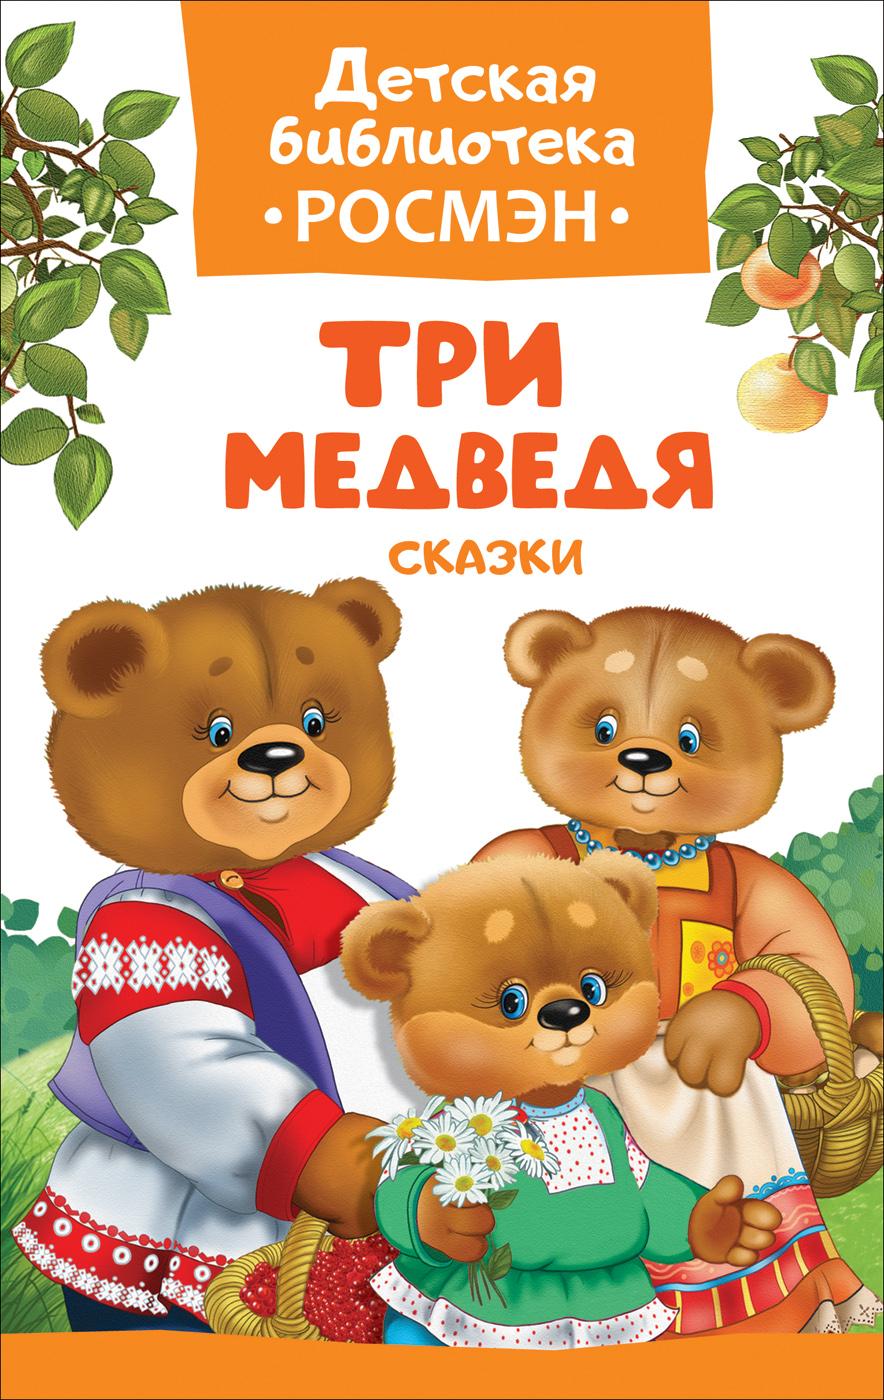 Афанасьев А. Н., Капица О. И., Толстой А. Н. Три медведя. Сказки (ДБ РОСМЭН) а н толстой сорочьи сказки